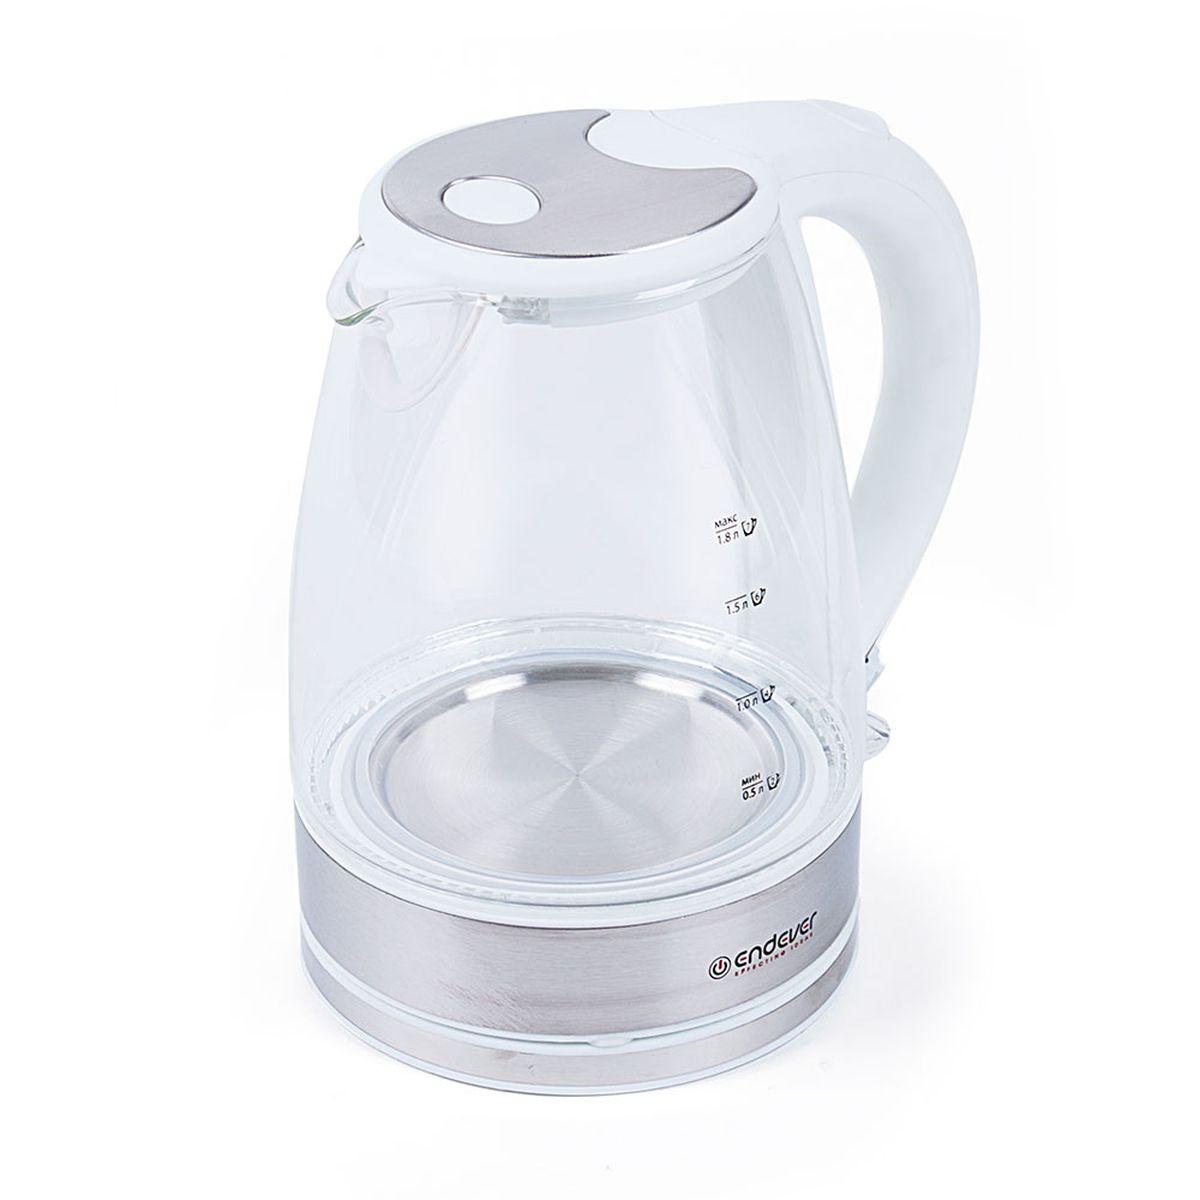 Endever KR-319G Skyline электрический чайникKR-319GКорпус чайника Endever KR-319G Skyline выполнен из высококачественного термостойкого стекла, сохраняющего природные свойства воды.Благодаря максимальной мощности 2400 Вт, данная модель за считанные минуты вскипятит 1,8 литра воды. Прозрачный корпус со шкалой контроля уровня и внутренней подсветкой позволяет следить за тем, как нагревается вода. Чайник соединён с базой центральным контактом и легко вращается на 360°.Крышка чайника открывается легким нажатием. Фильтр легко снимается, его можно мыть вручную или в посудомоечной машине. Нагревательный элемент встроен в дно и надежно защищен, что делает его чистку максимально удобной. Среди характеристик безопасности использования чайника стоит отметить автоматический и ручной выключатели, а также защиту от перегрева.